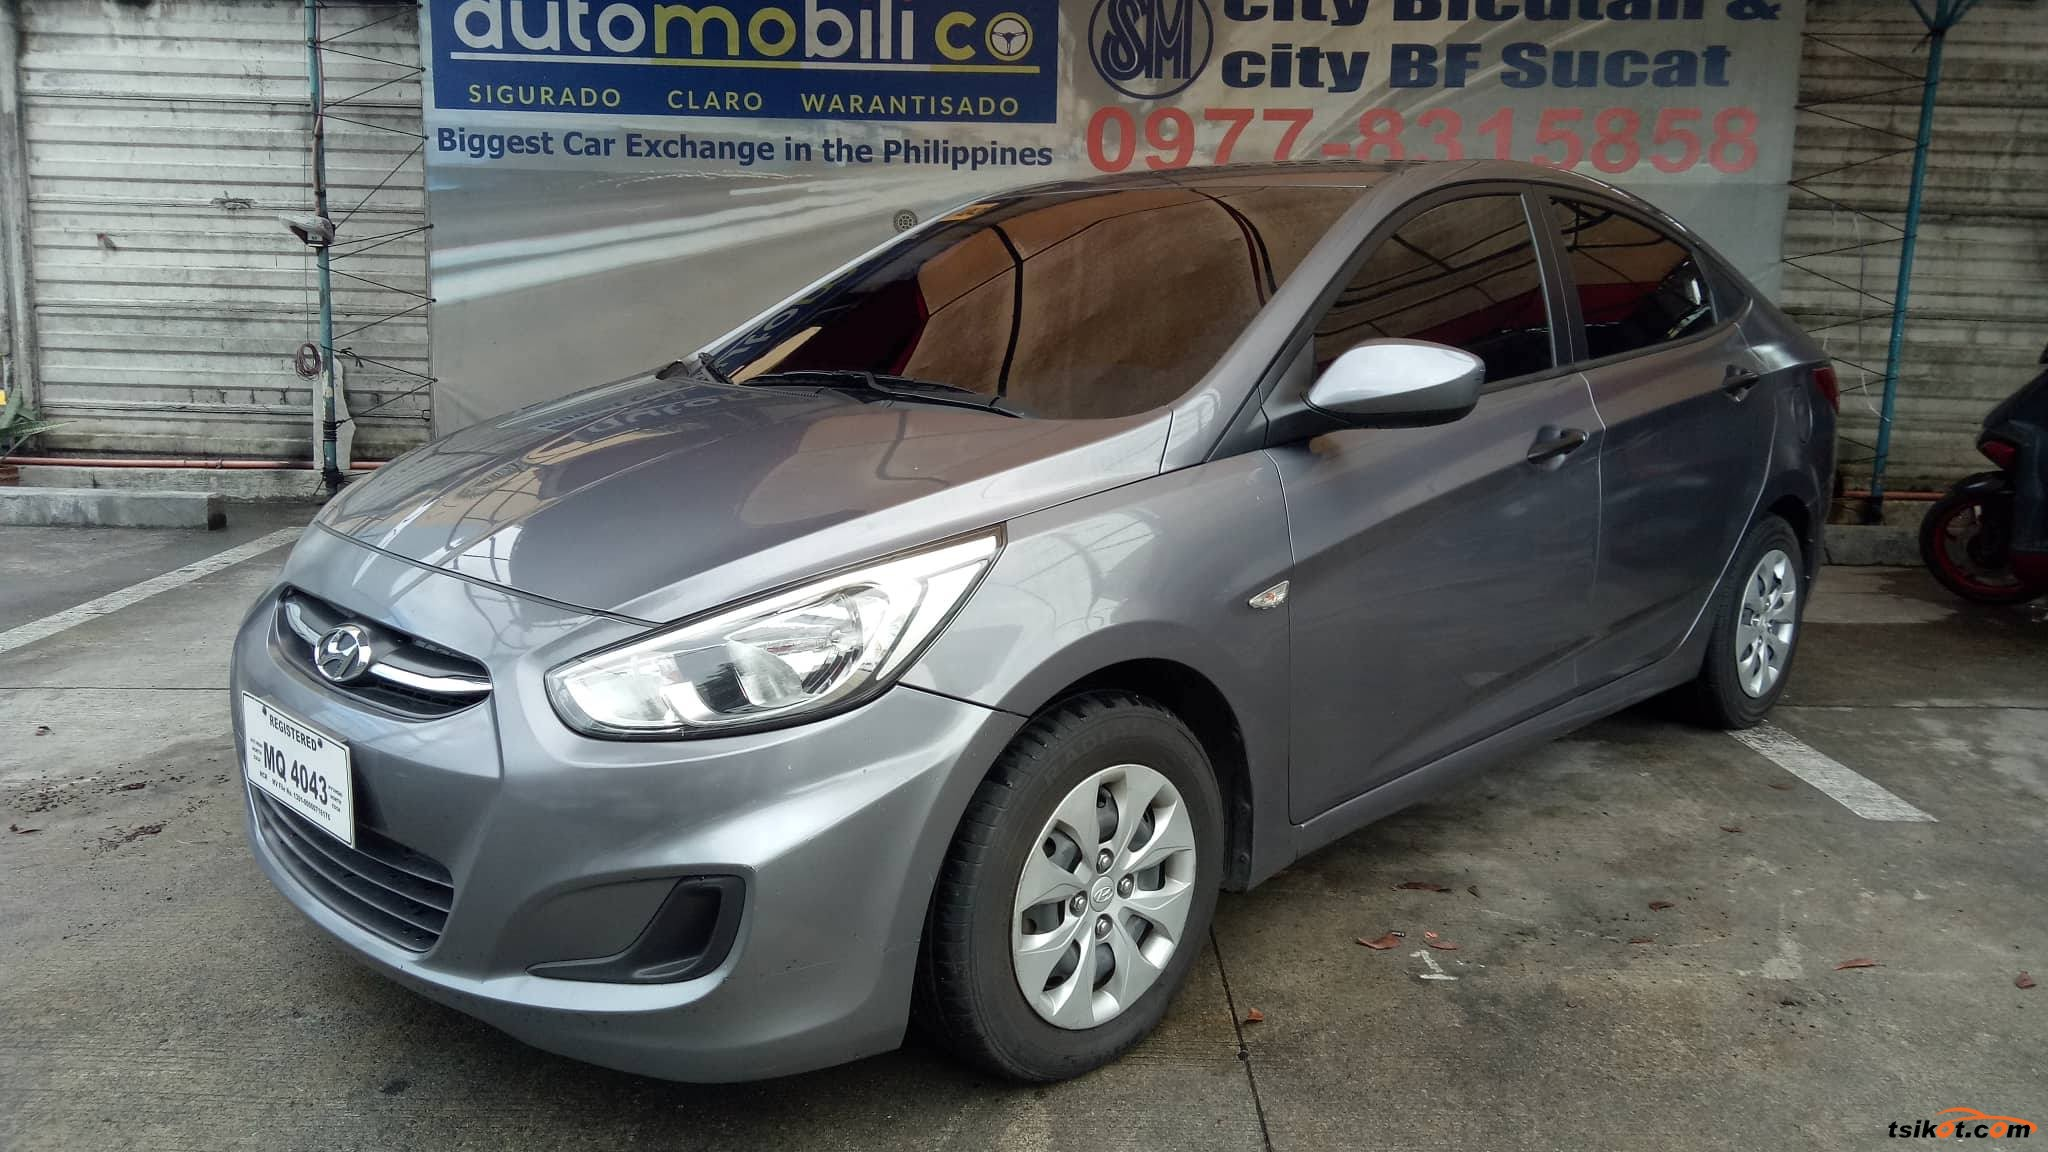 b434bdf71f Hyundai Accent 2016 - Car for Sale Metro Manila